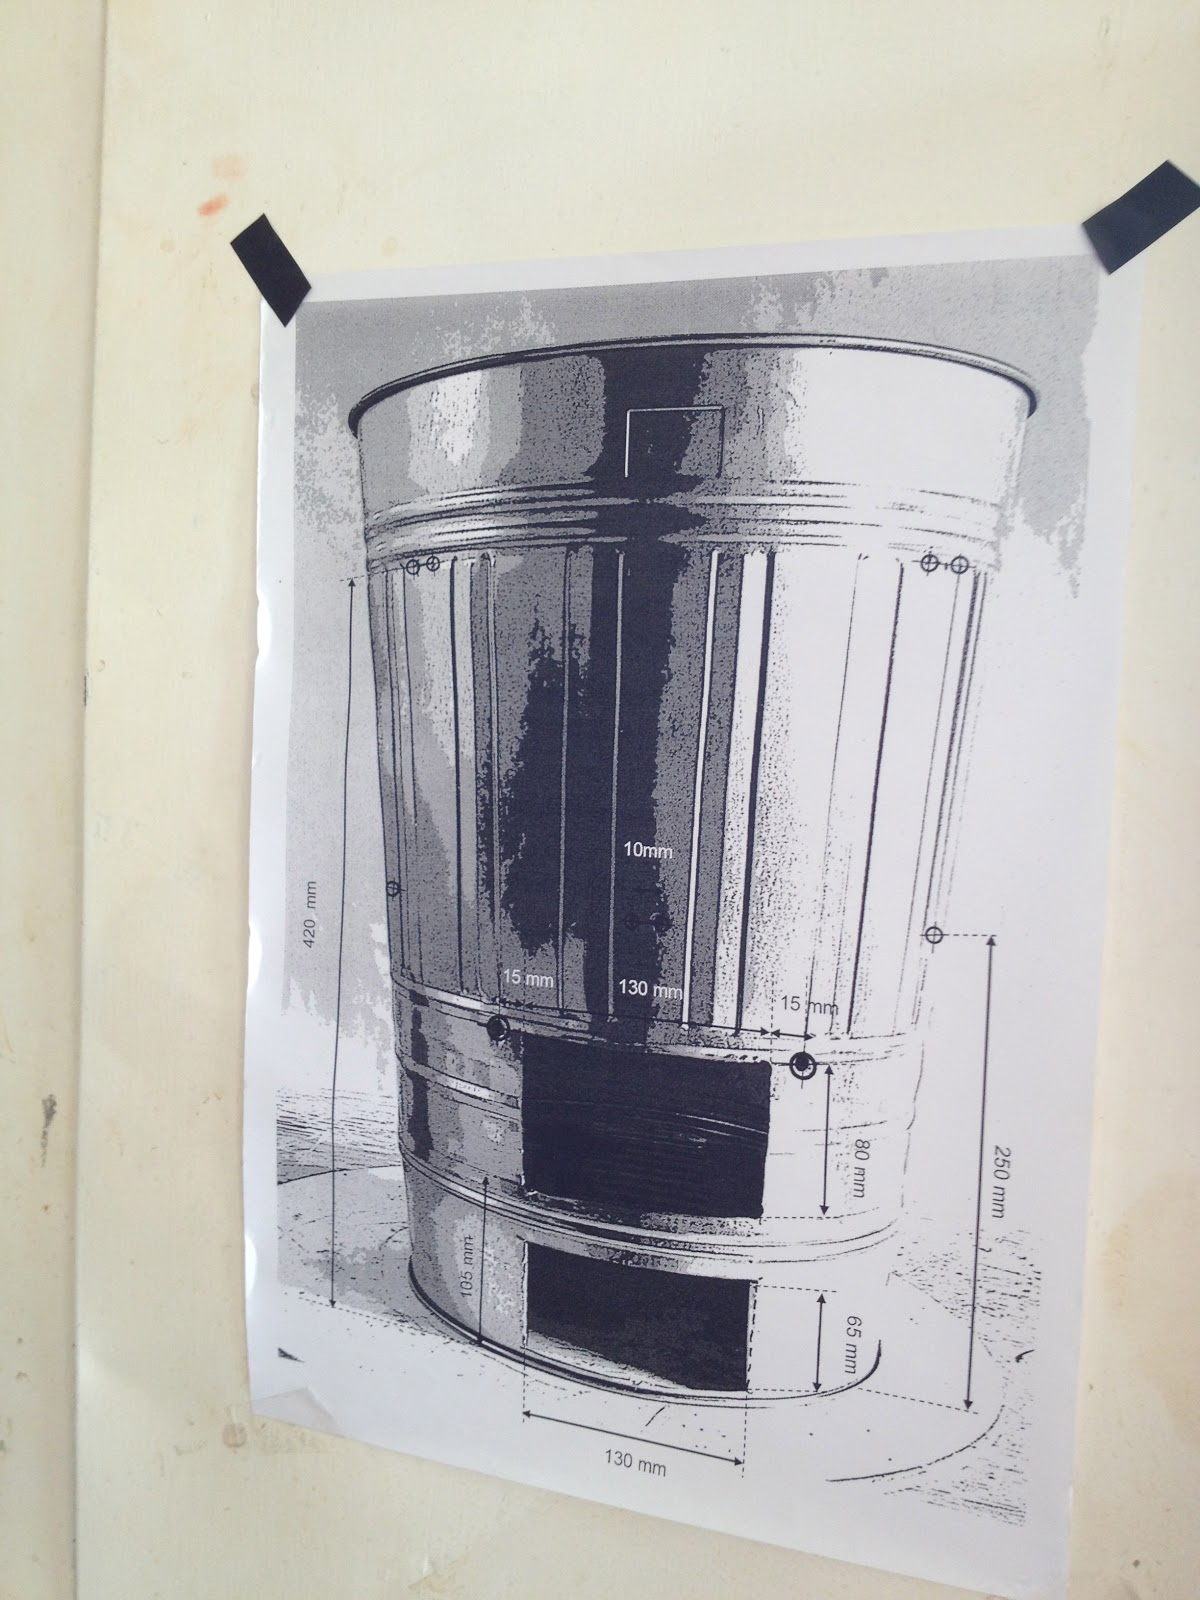 I LOVE IT!! Stefan Jakobs' Raku Kiln Building Workshop